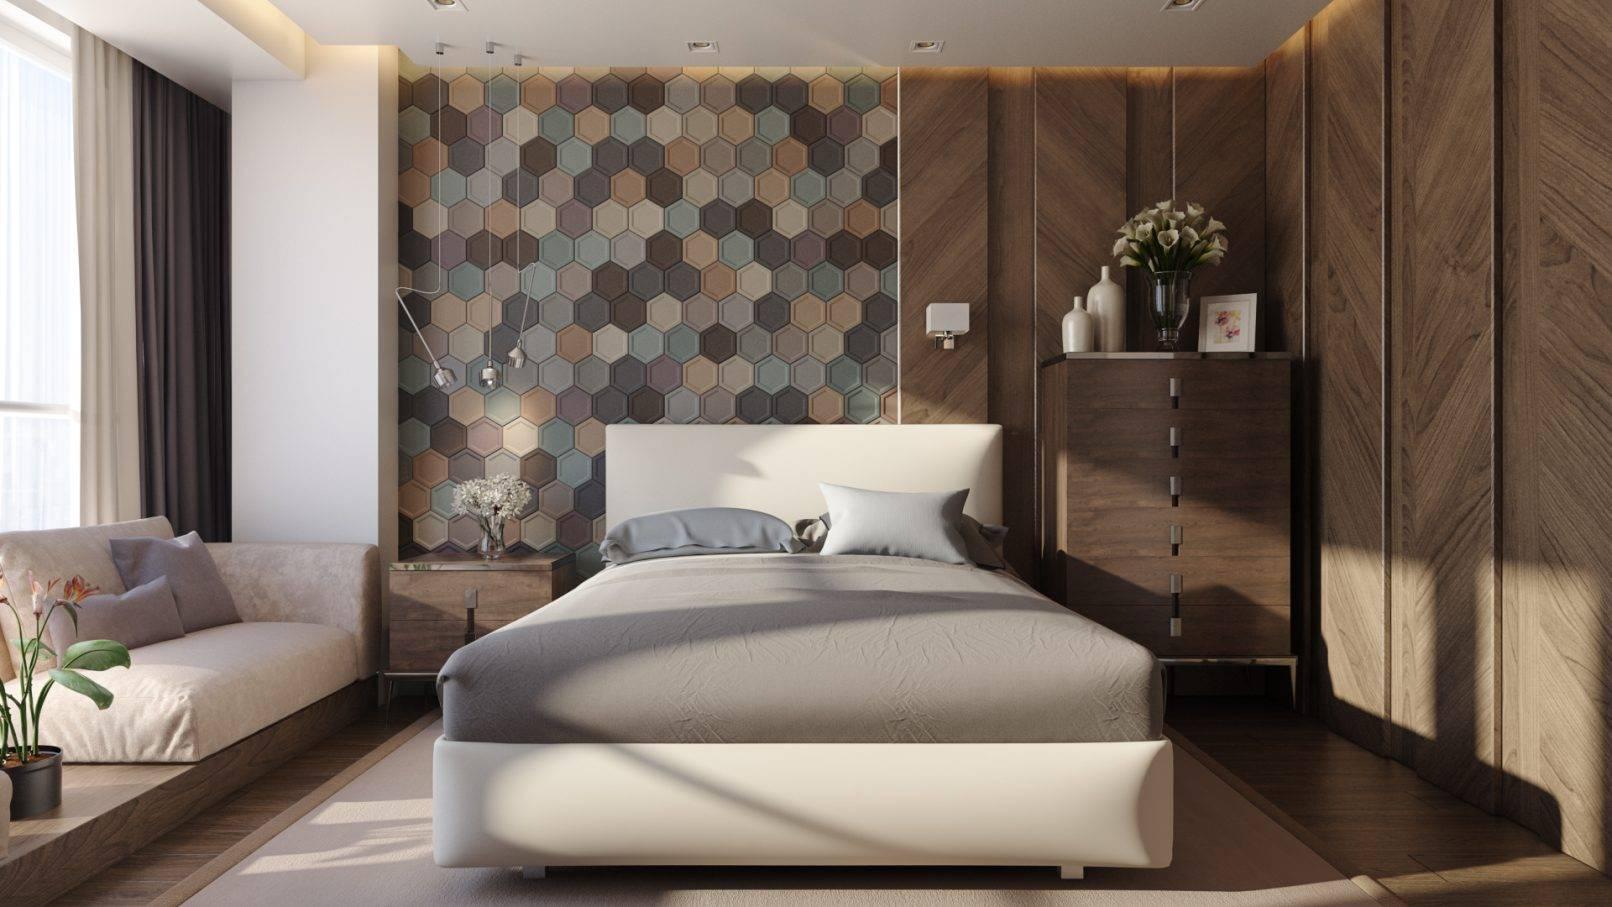 Стены в спальне: варианты выбора цвета и отделки. 130 фото акцентные и фоновые стены в дизайне